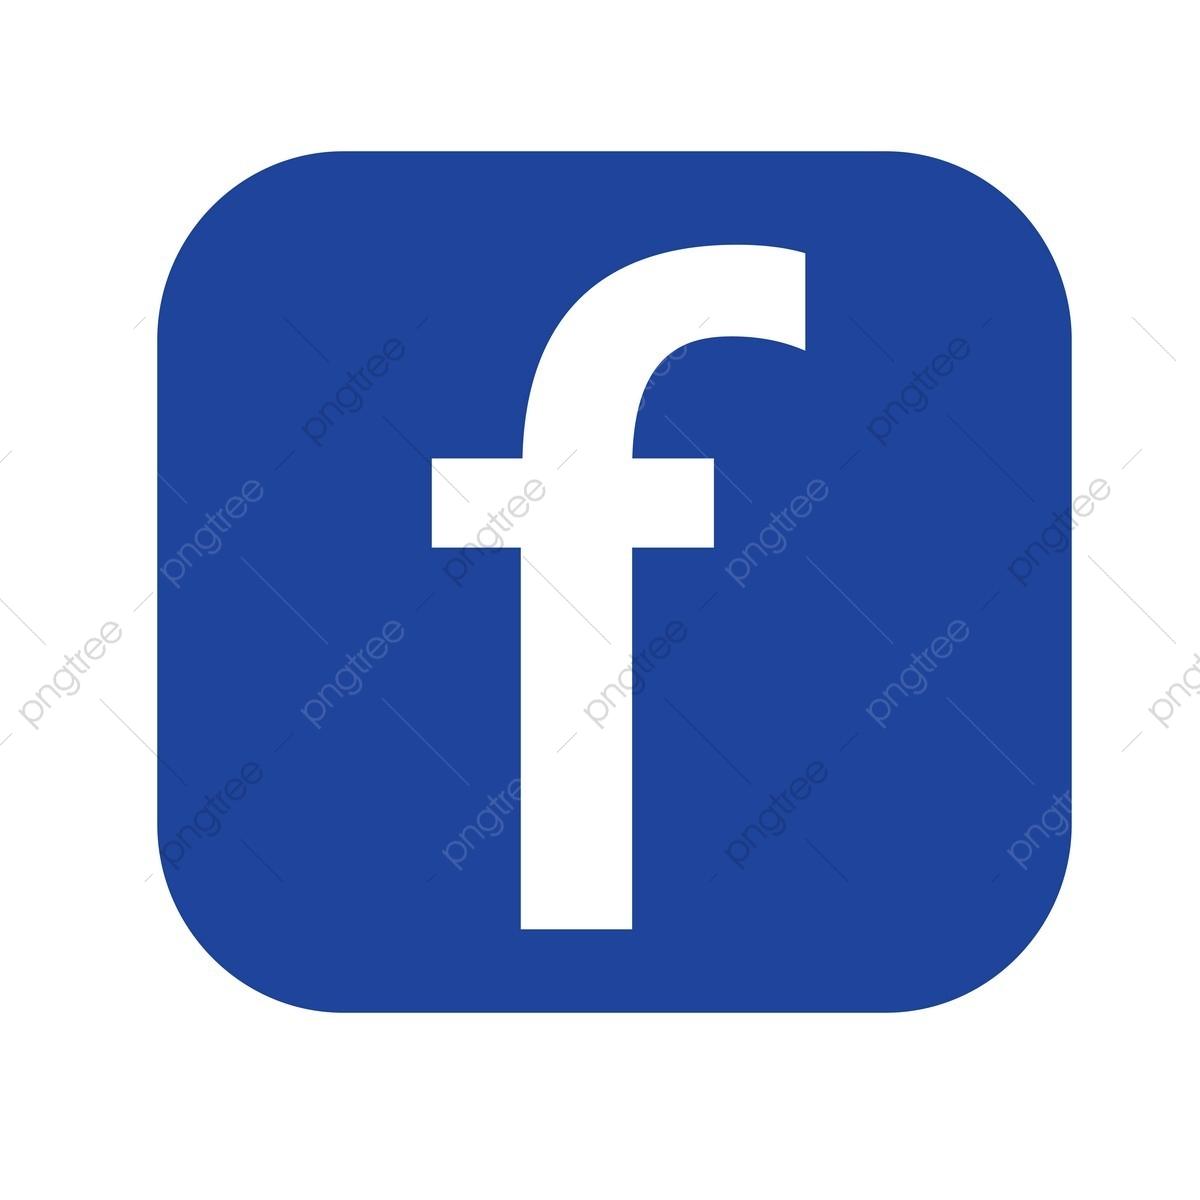 Logo Facebook Icône Facebook, Des Icônes Sur Facebook, Le Logo Dicônes,  Social PNG et vecteur pour téléchargement gratuit